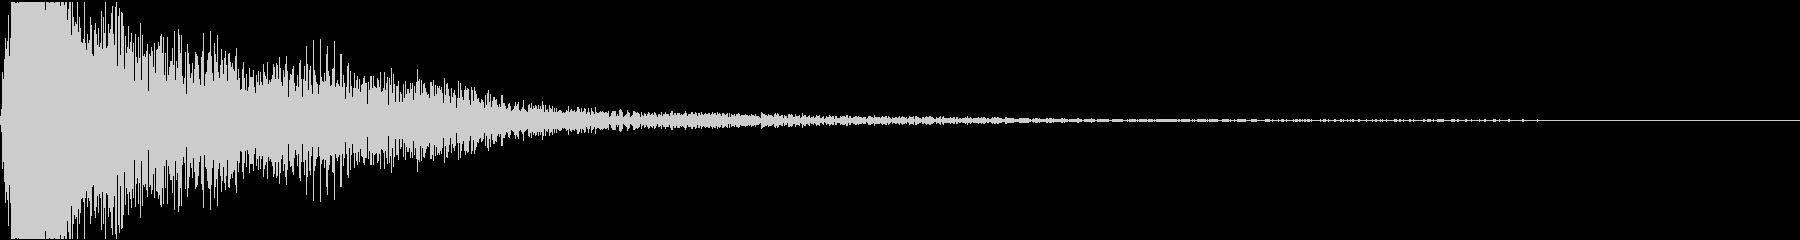 レ♯/ミ♭単音のオーケストラルヒットの未再生の波形